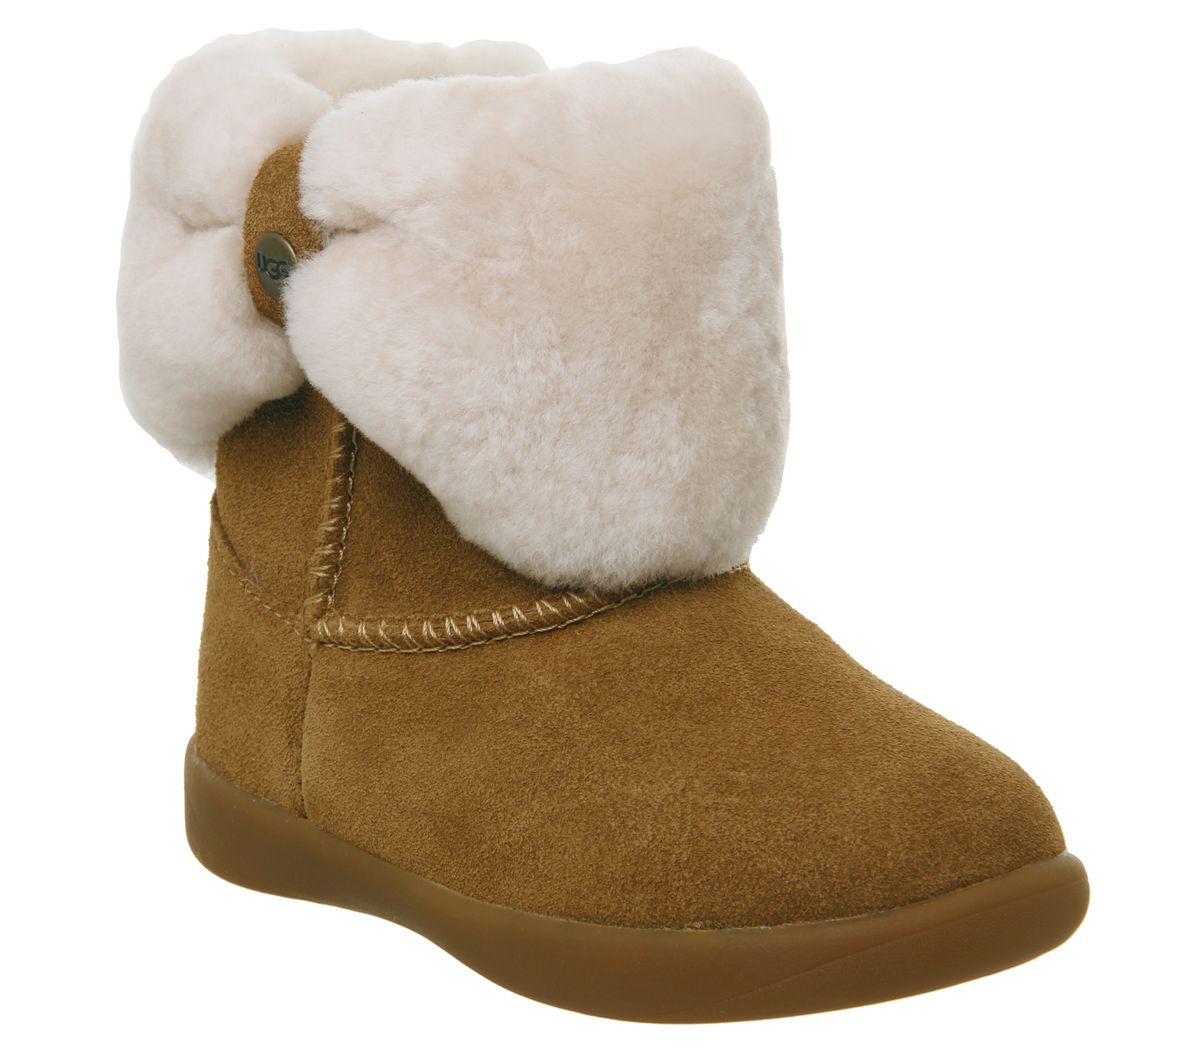 6e78d9d7d55 Ramona Boots